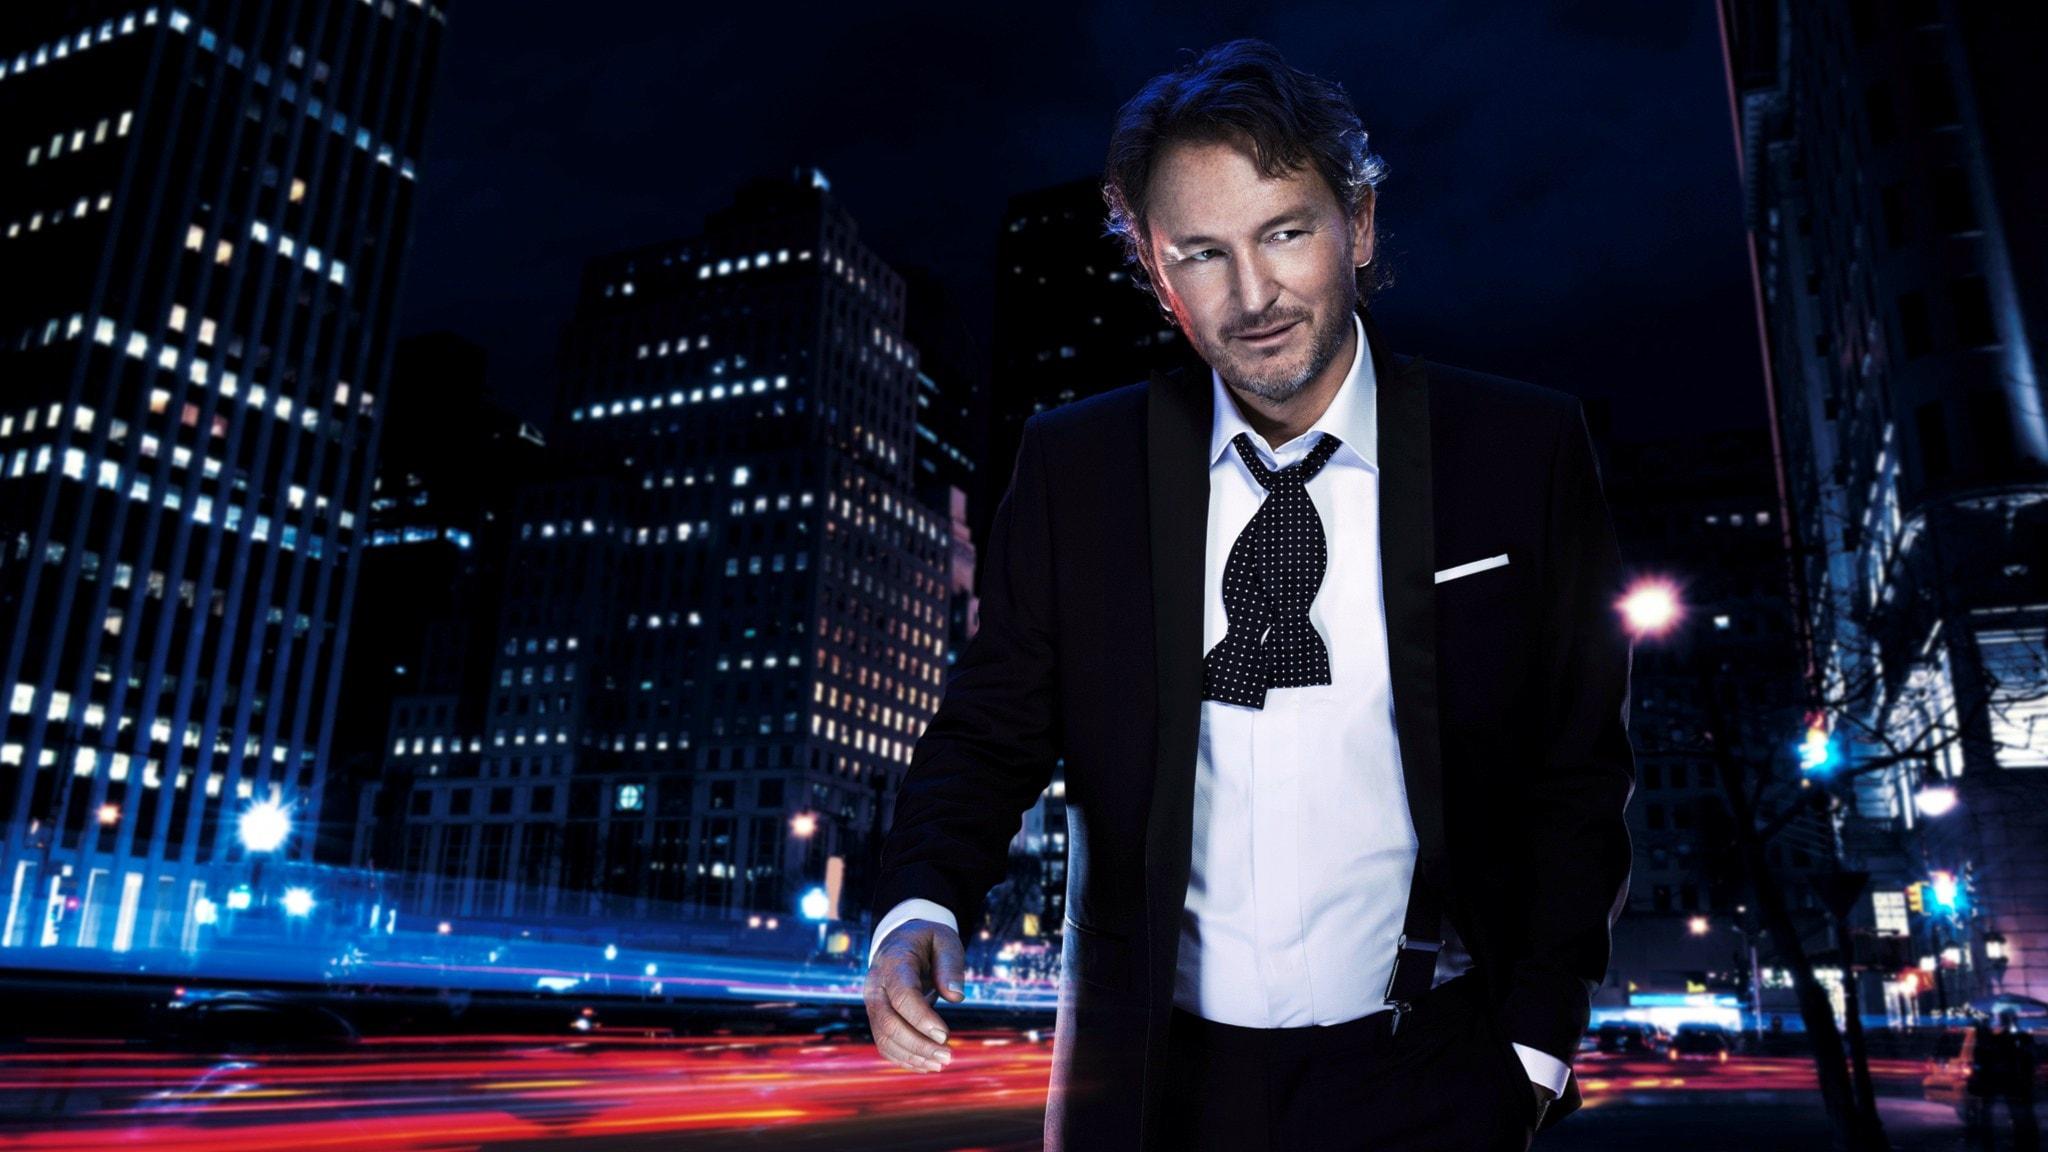 P4 Live inleder det nya året med en riktig partykaramell signerad Tomas Ledin. Foto: Eric Broms